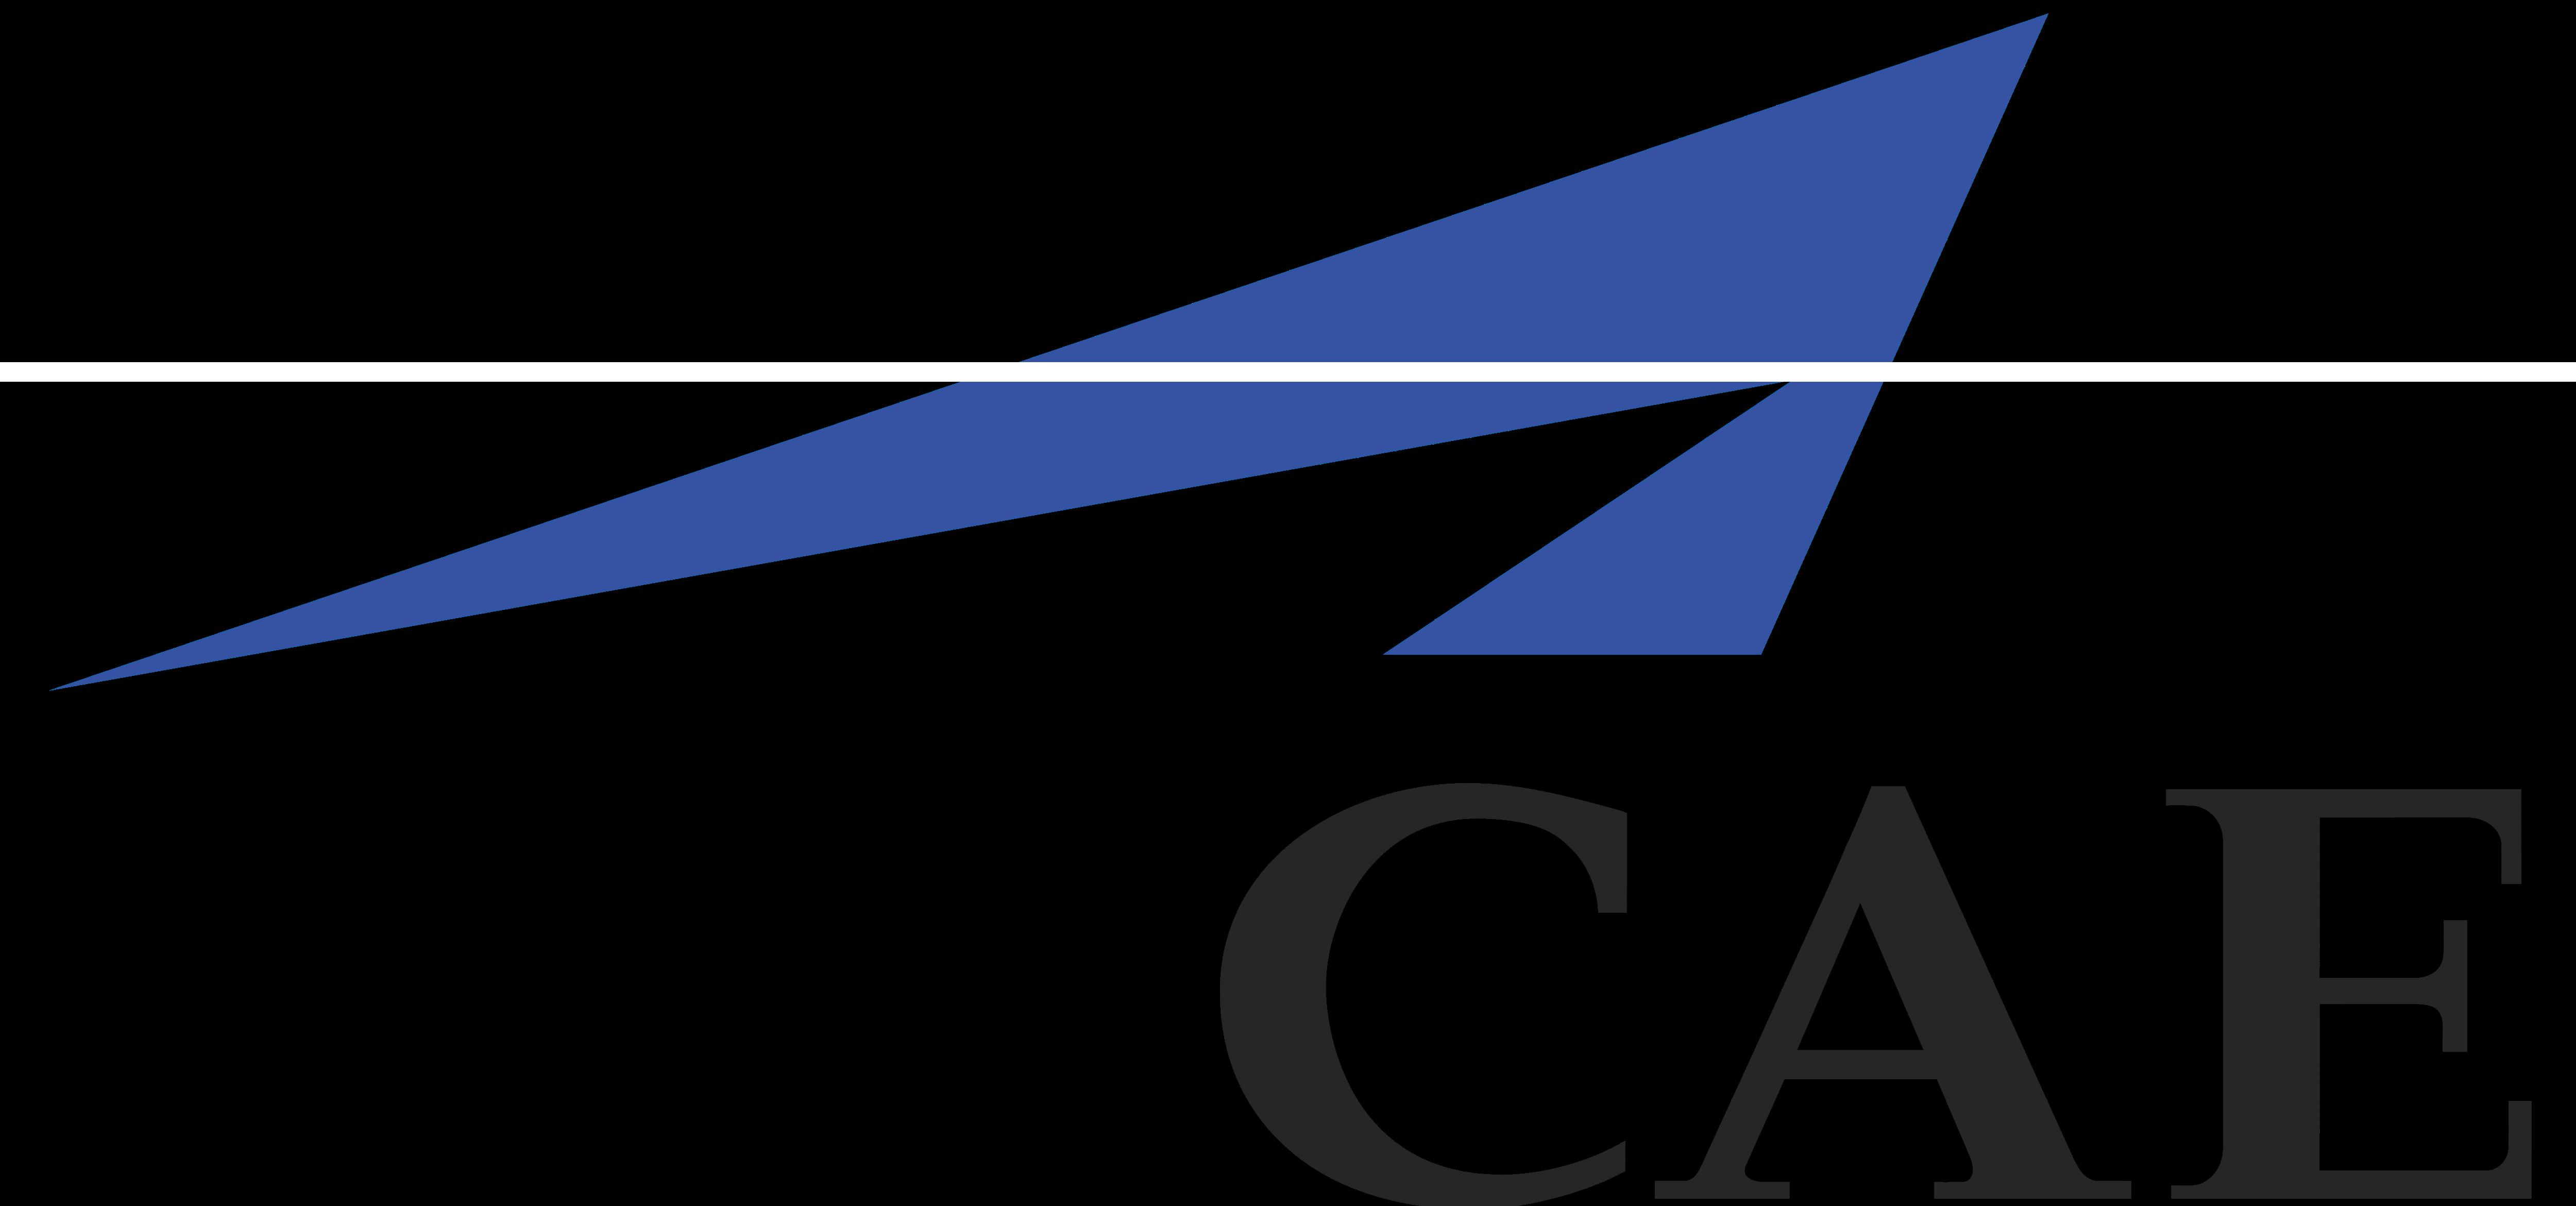 CAE_logo_Inc